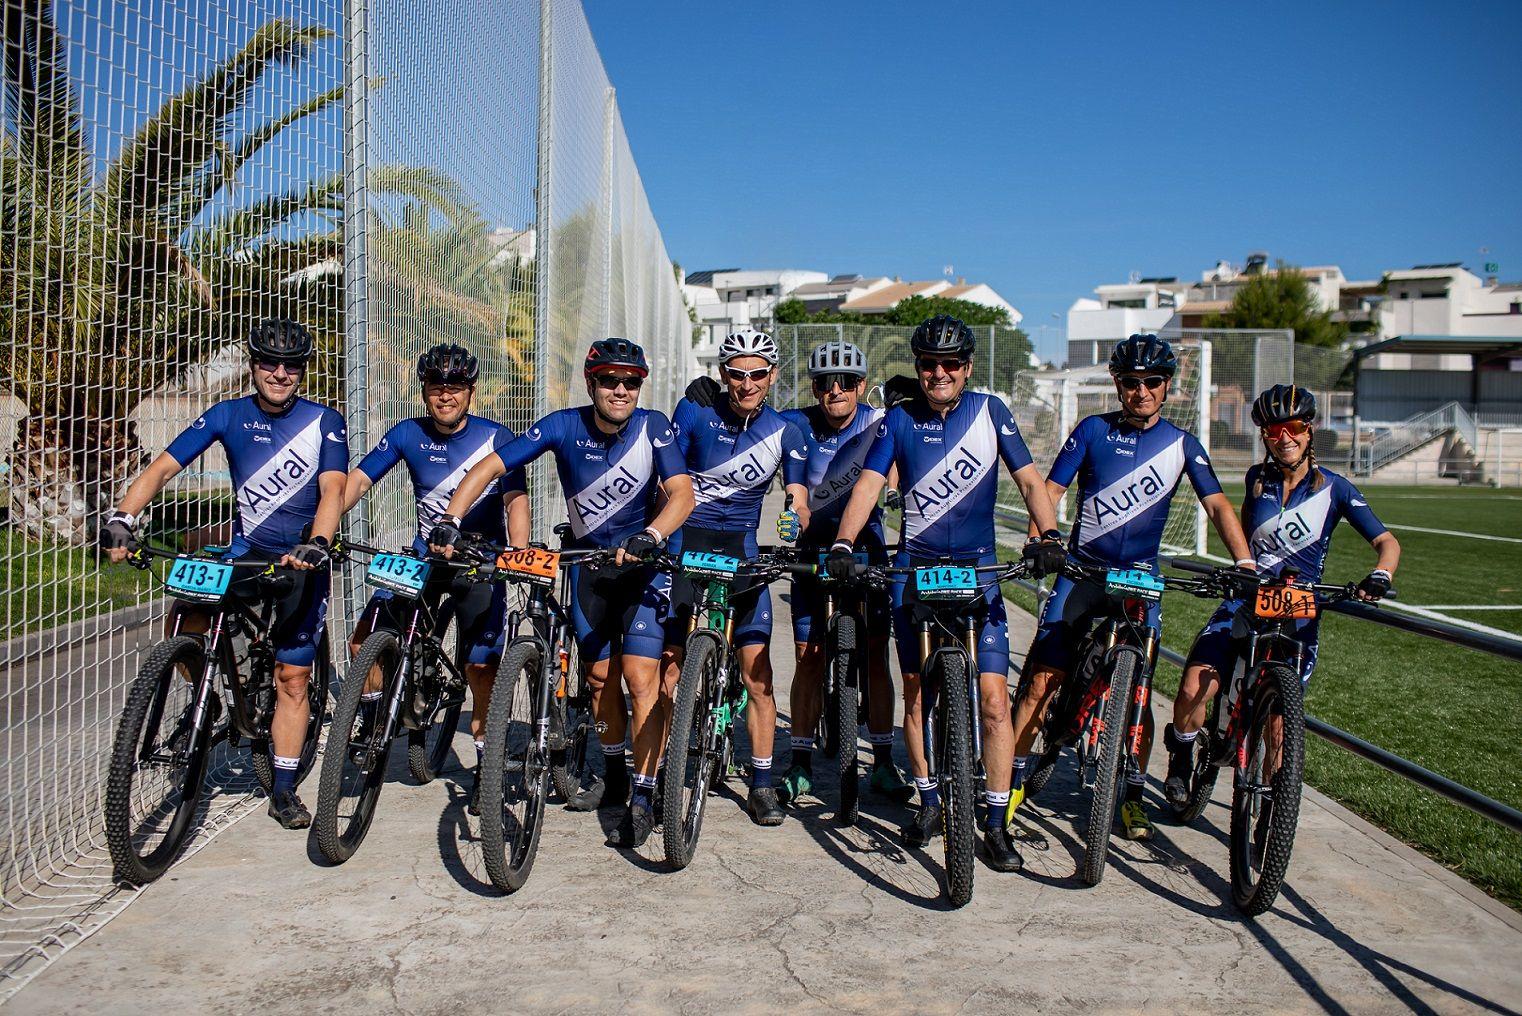 Aural Widex Team participa en la Andalucía Bike Race